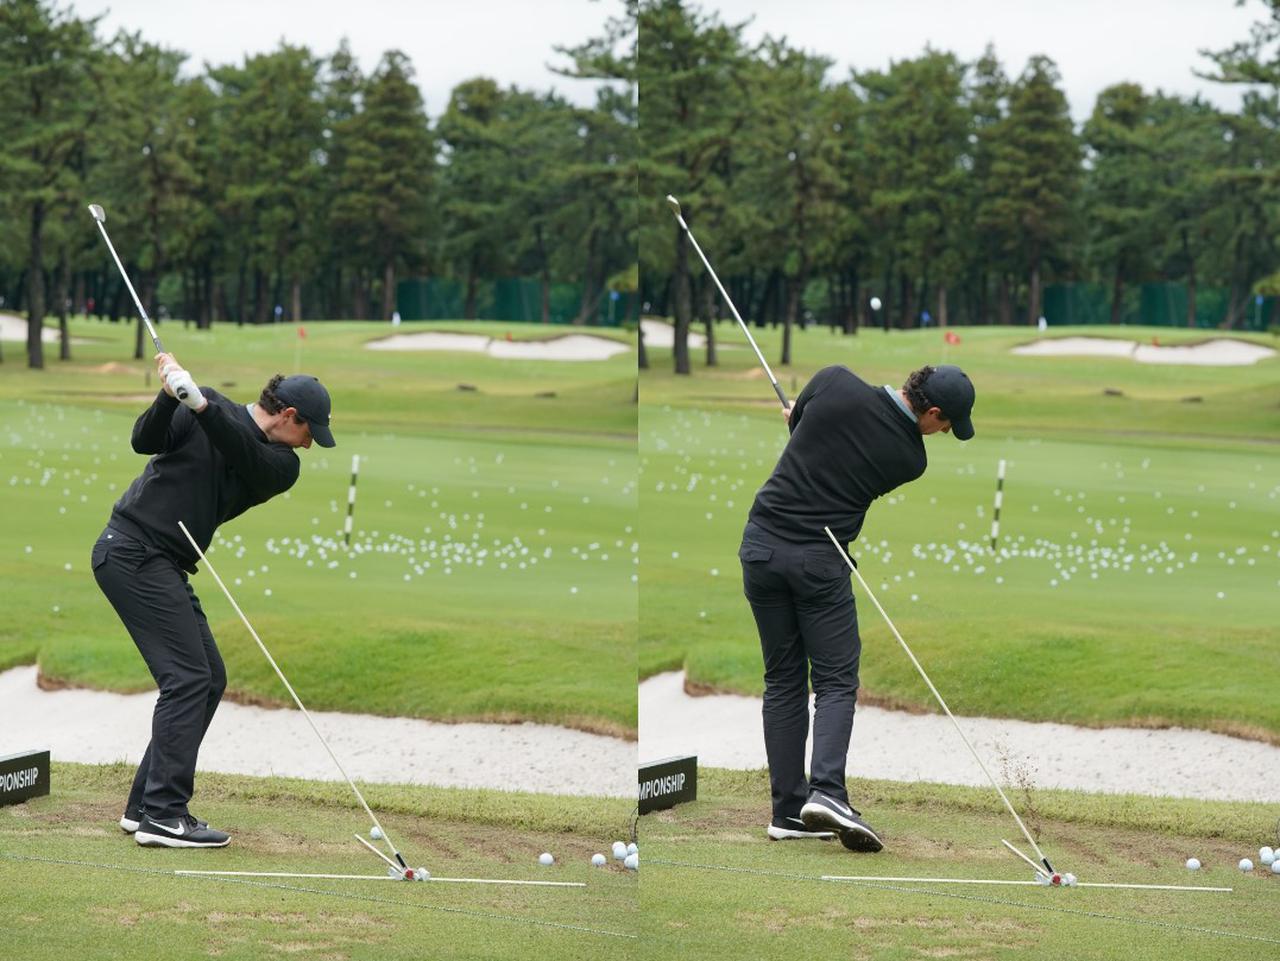 画像: アイアンショットでは左肩よりも低く振り抜きヘッドスピード、フェースの開閉をコントロールしながらピンを狙う(写真は2019年ZOZOチャンピオンシップ 写真/岩村一男)